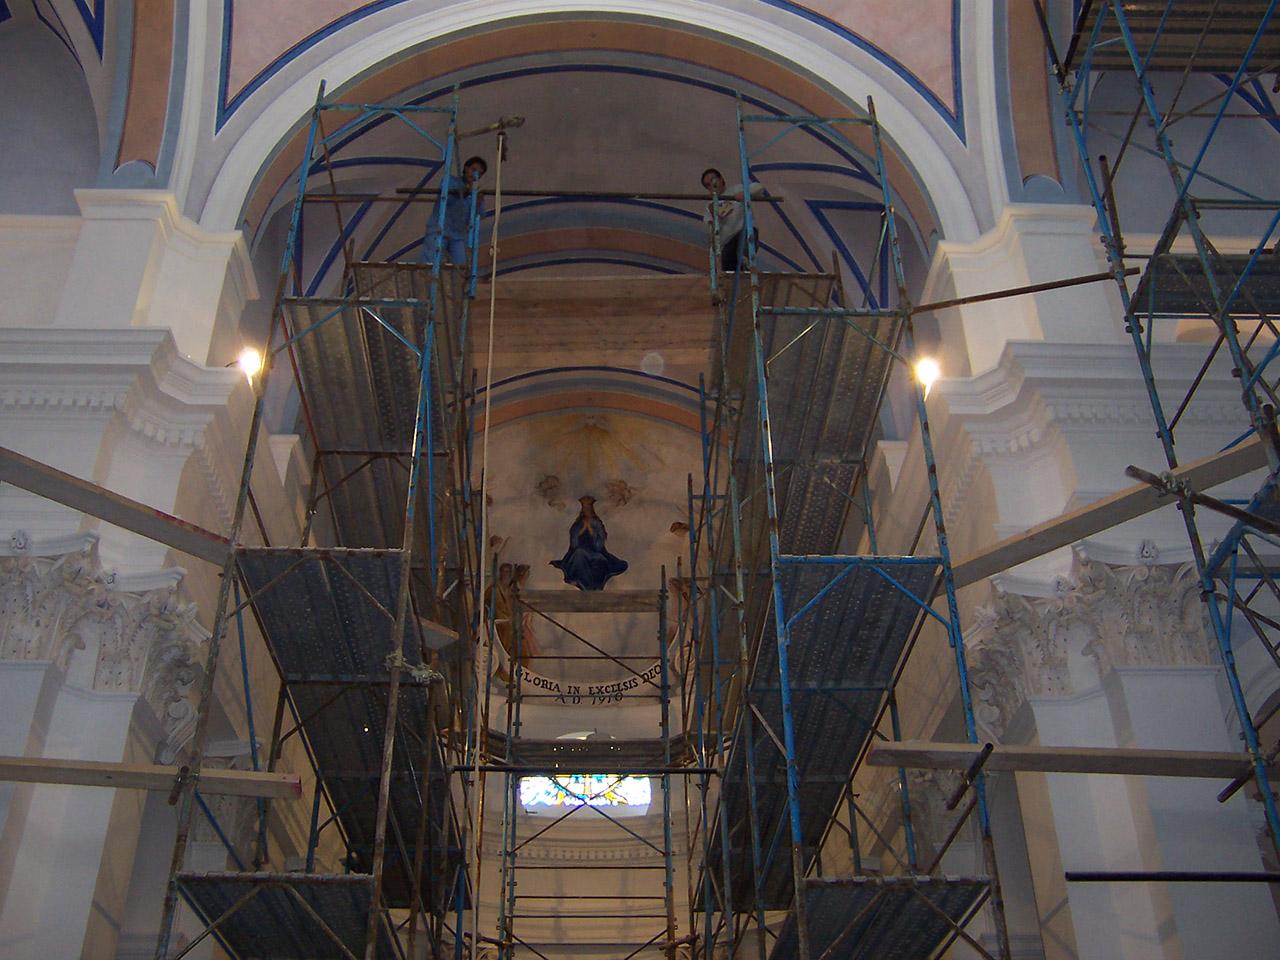 costruzioni restauri sirio ostuni chiesa madonna della grata ostuni 100 2235 1